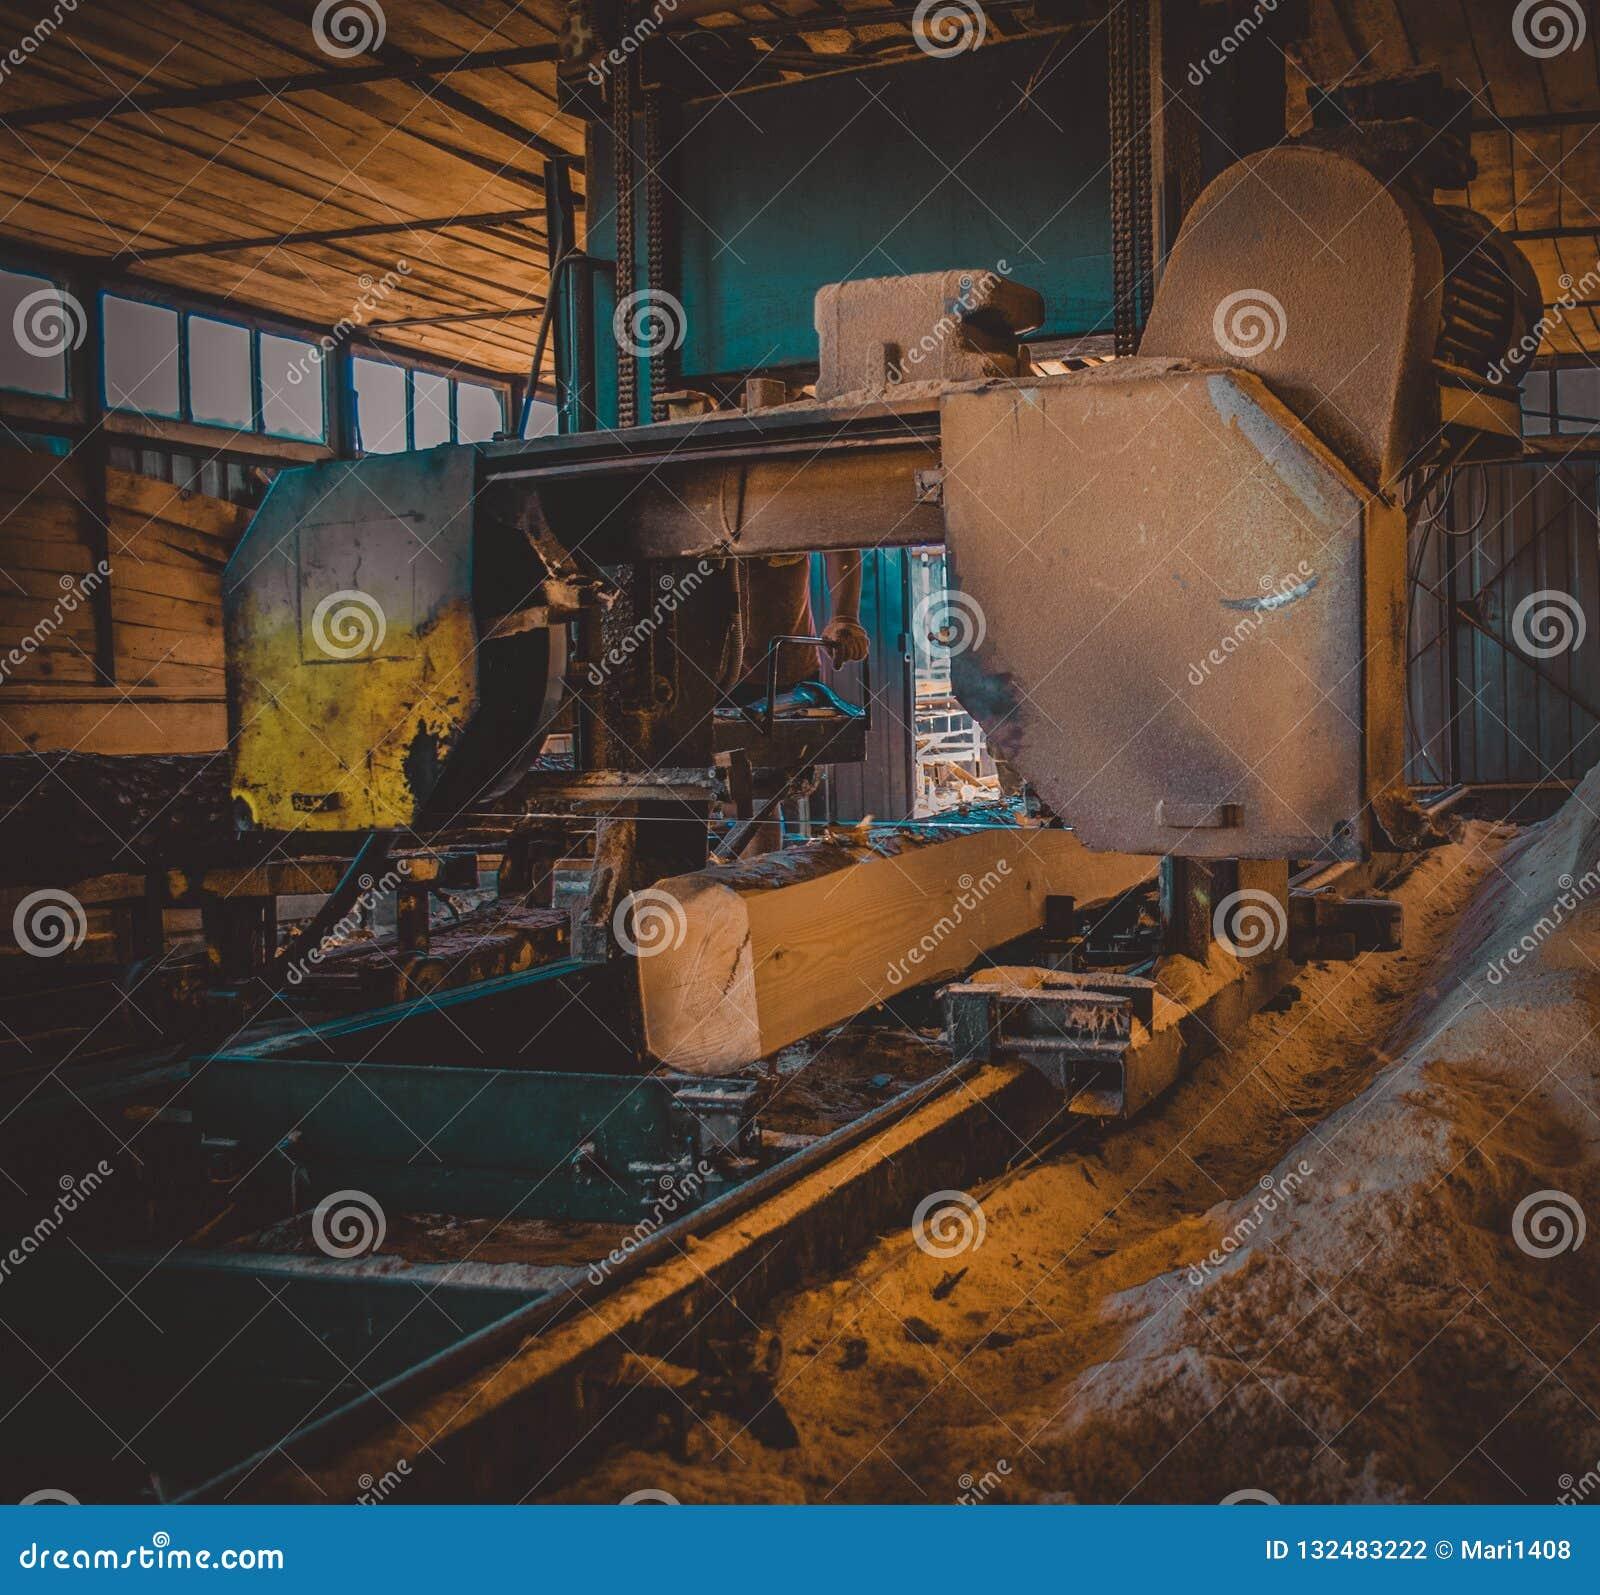 Zaagmolen Het proces om machinaal te bewerken opent de zagen van de zaagmolenmachine het programma t